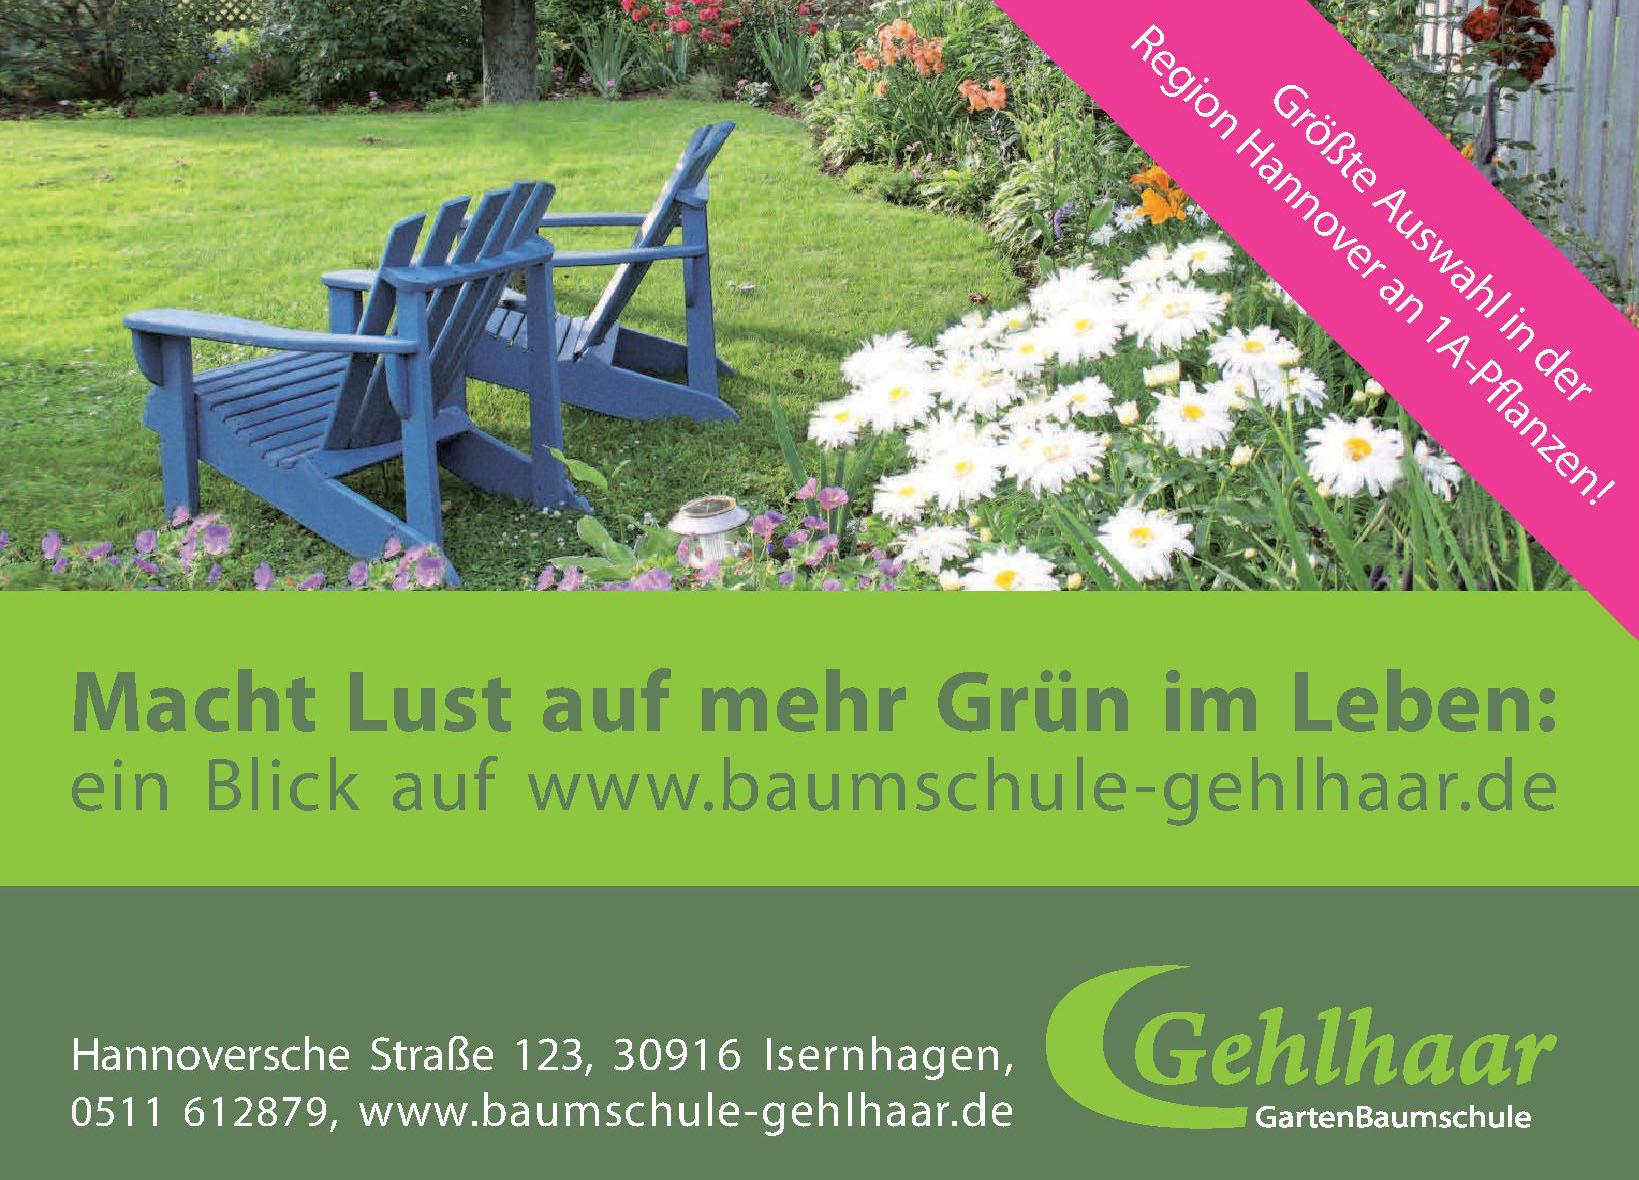 Gehlhaar Garten Baumschule